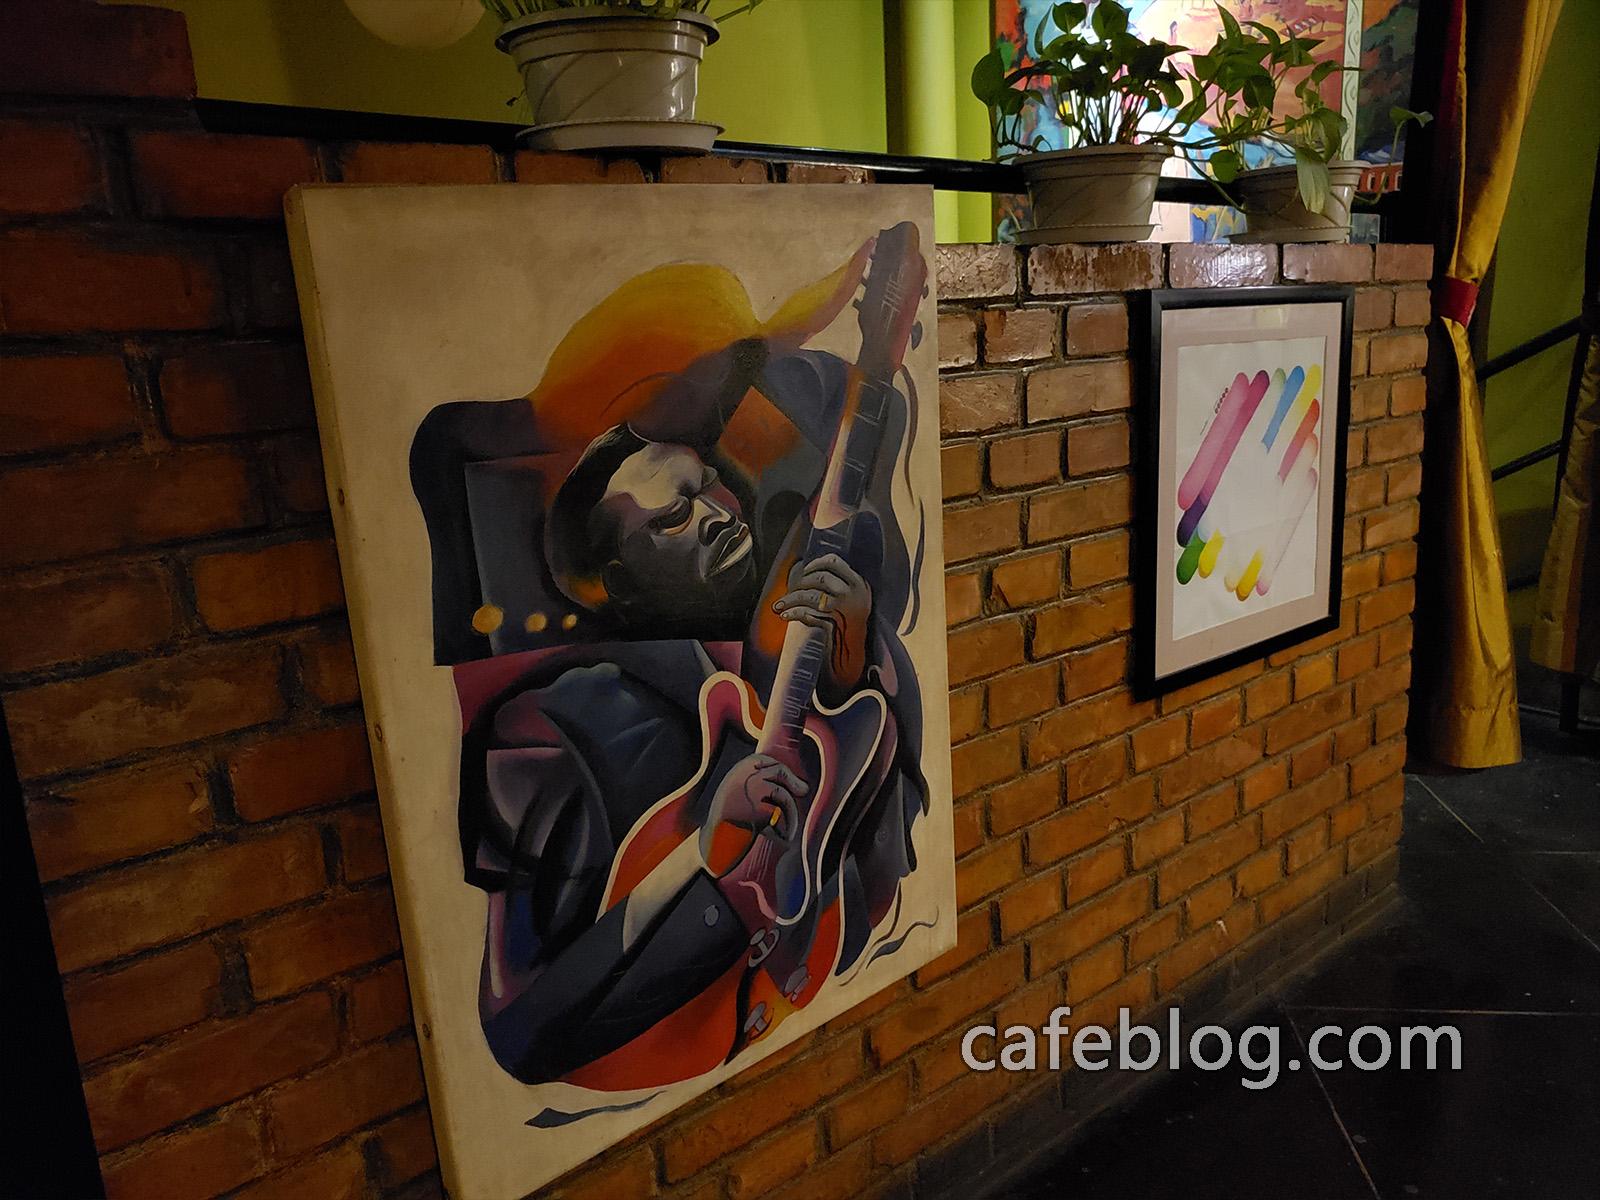 玛雅咖啡馆 Maya Cafe 二楼的壁画。